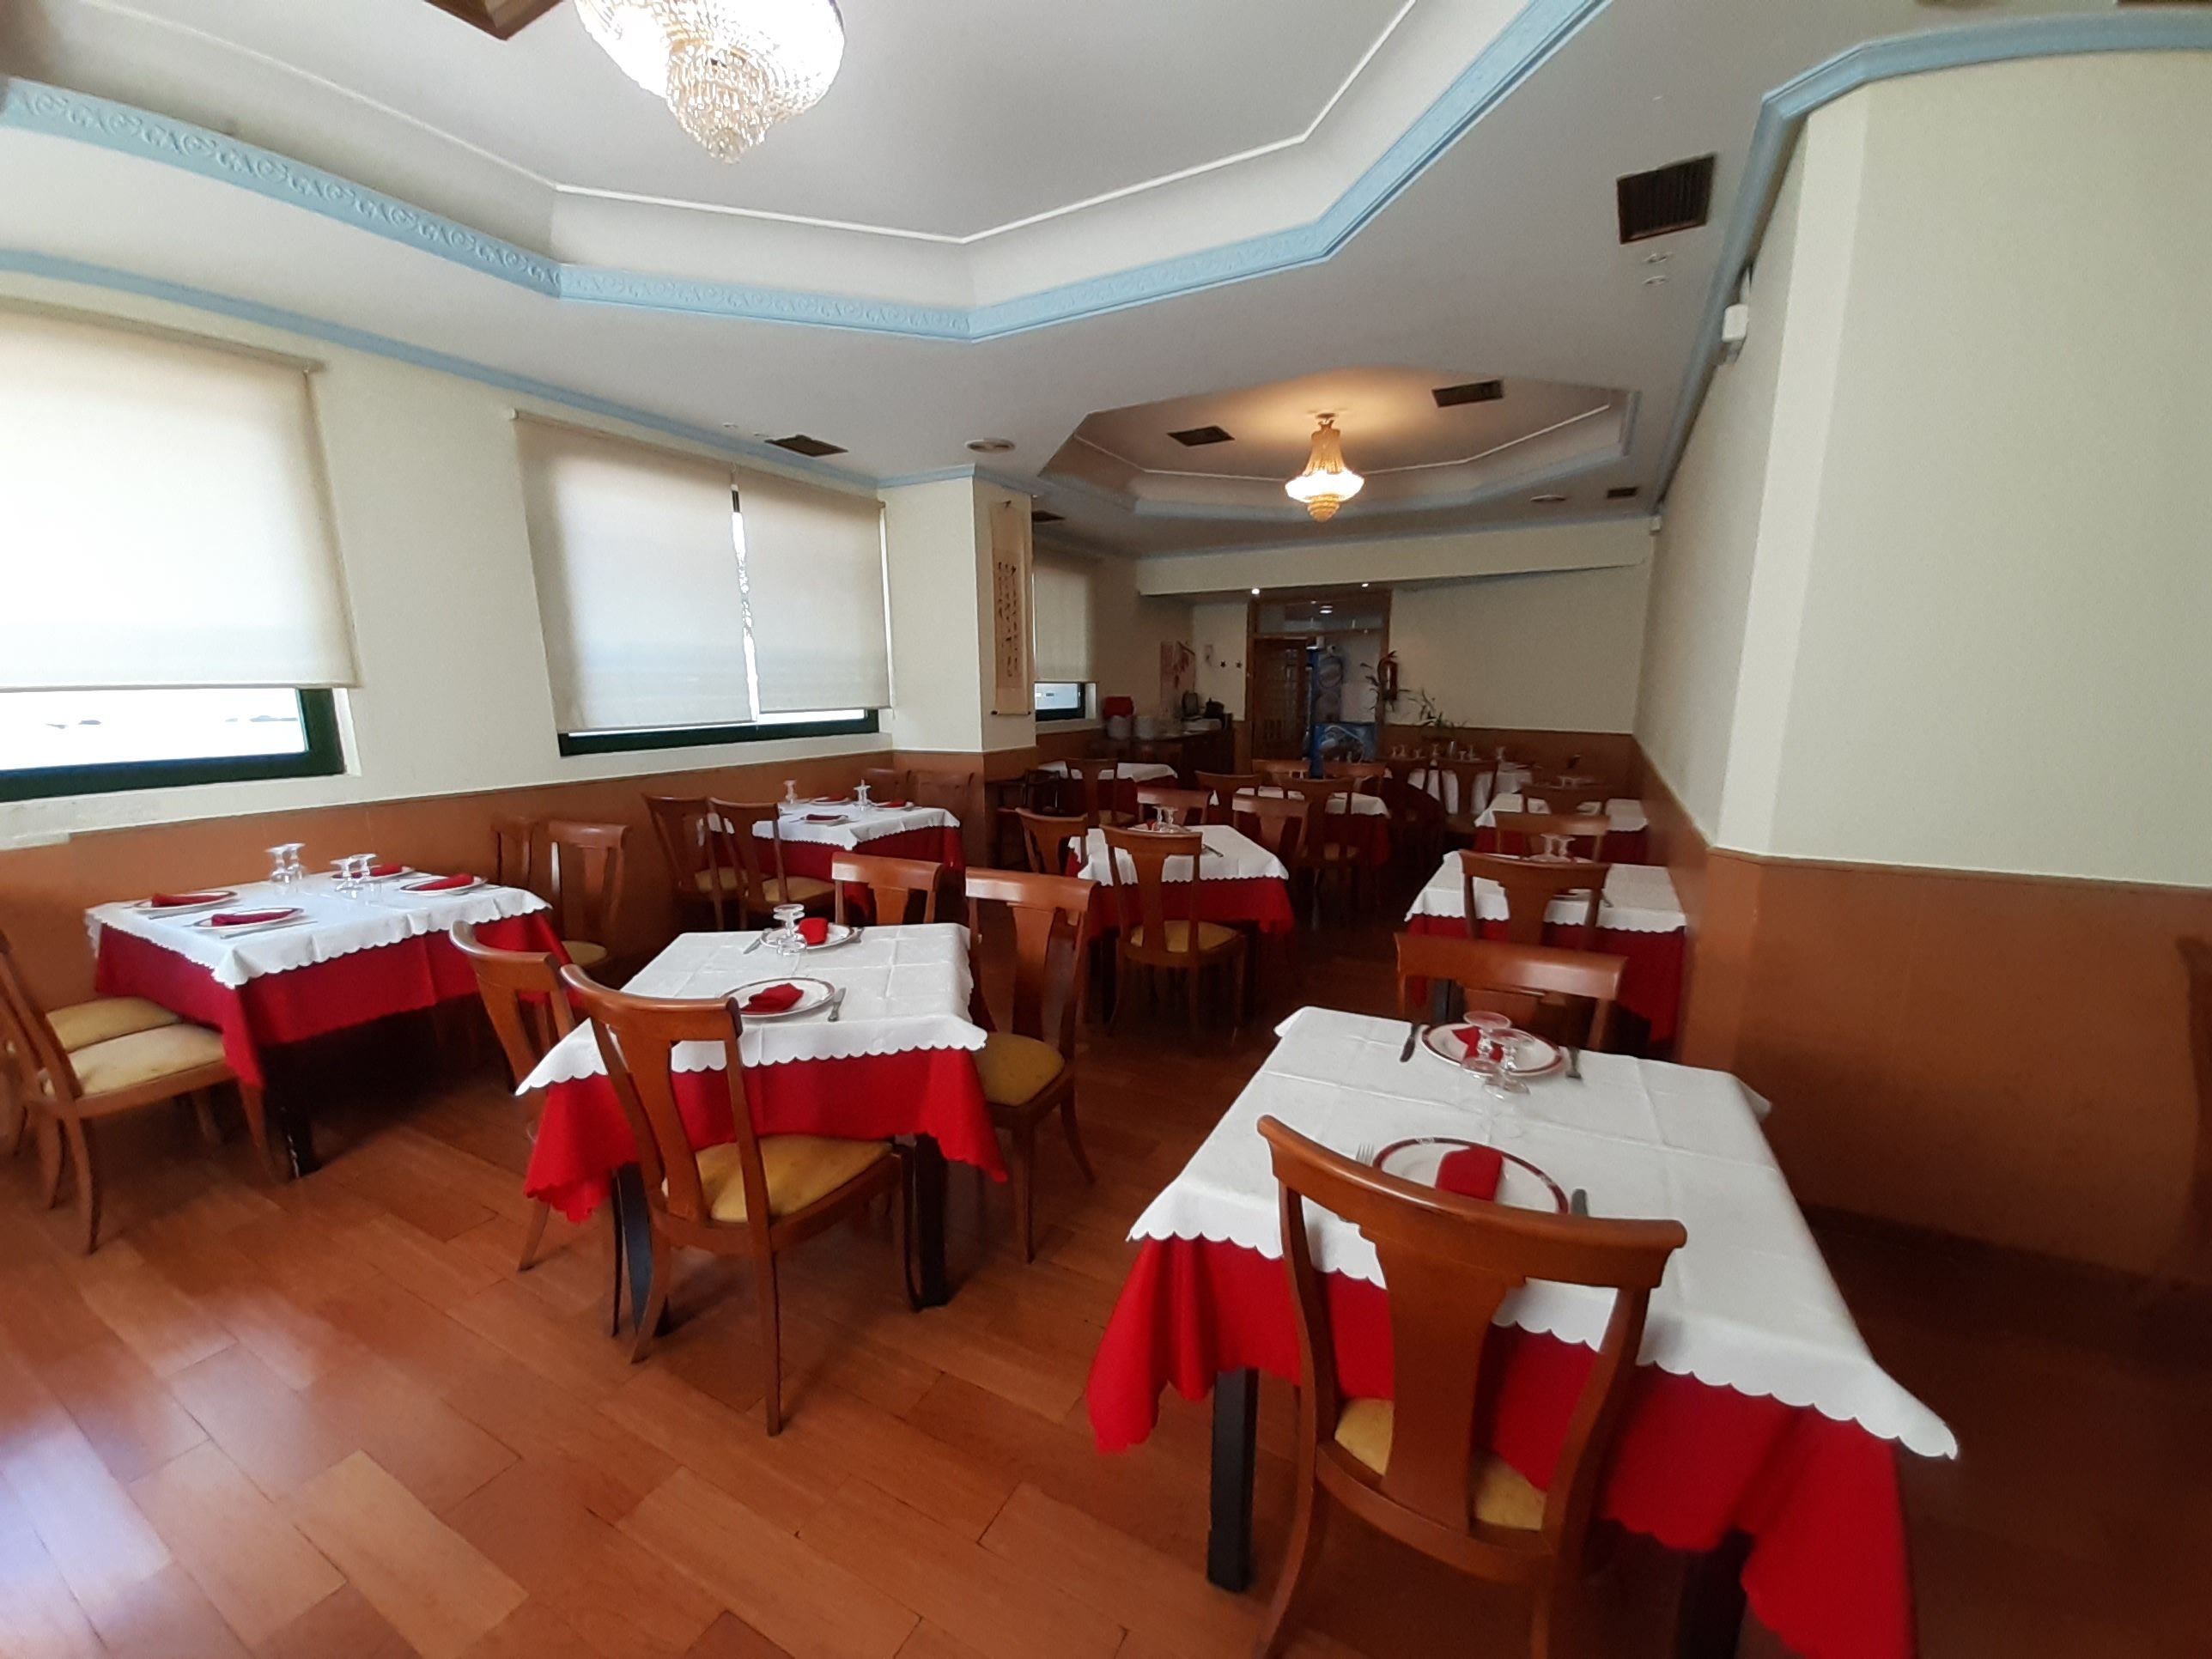 Foto 5 de Cocina china en Madrid | El Jardín de Oriente